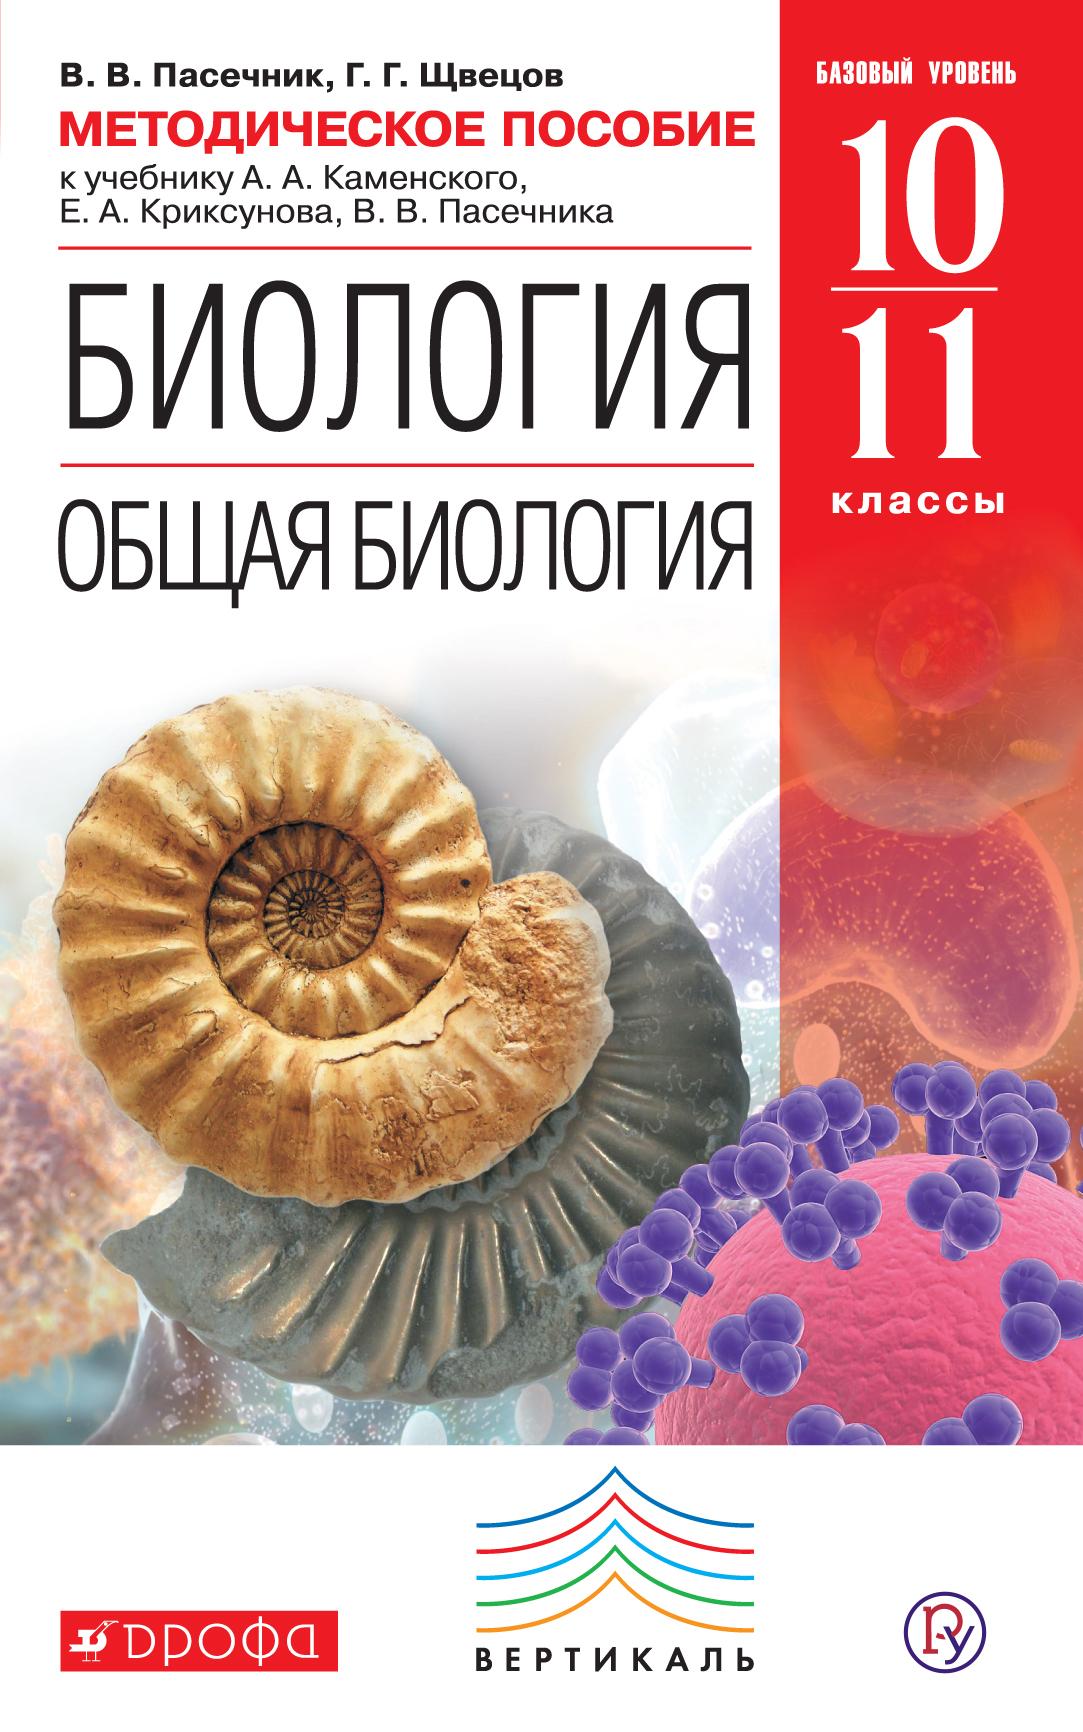 Пасечник В.В., Швецов Г.Г. Биология. Общая биология. 10-11 классы. Методическое пособие